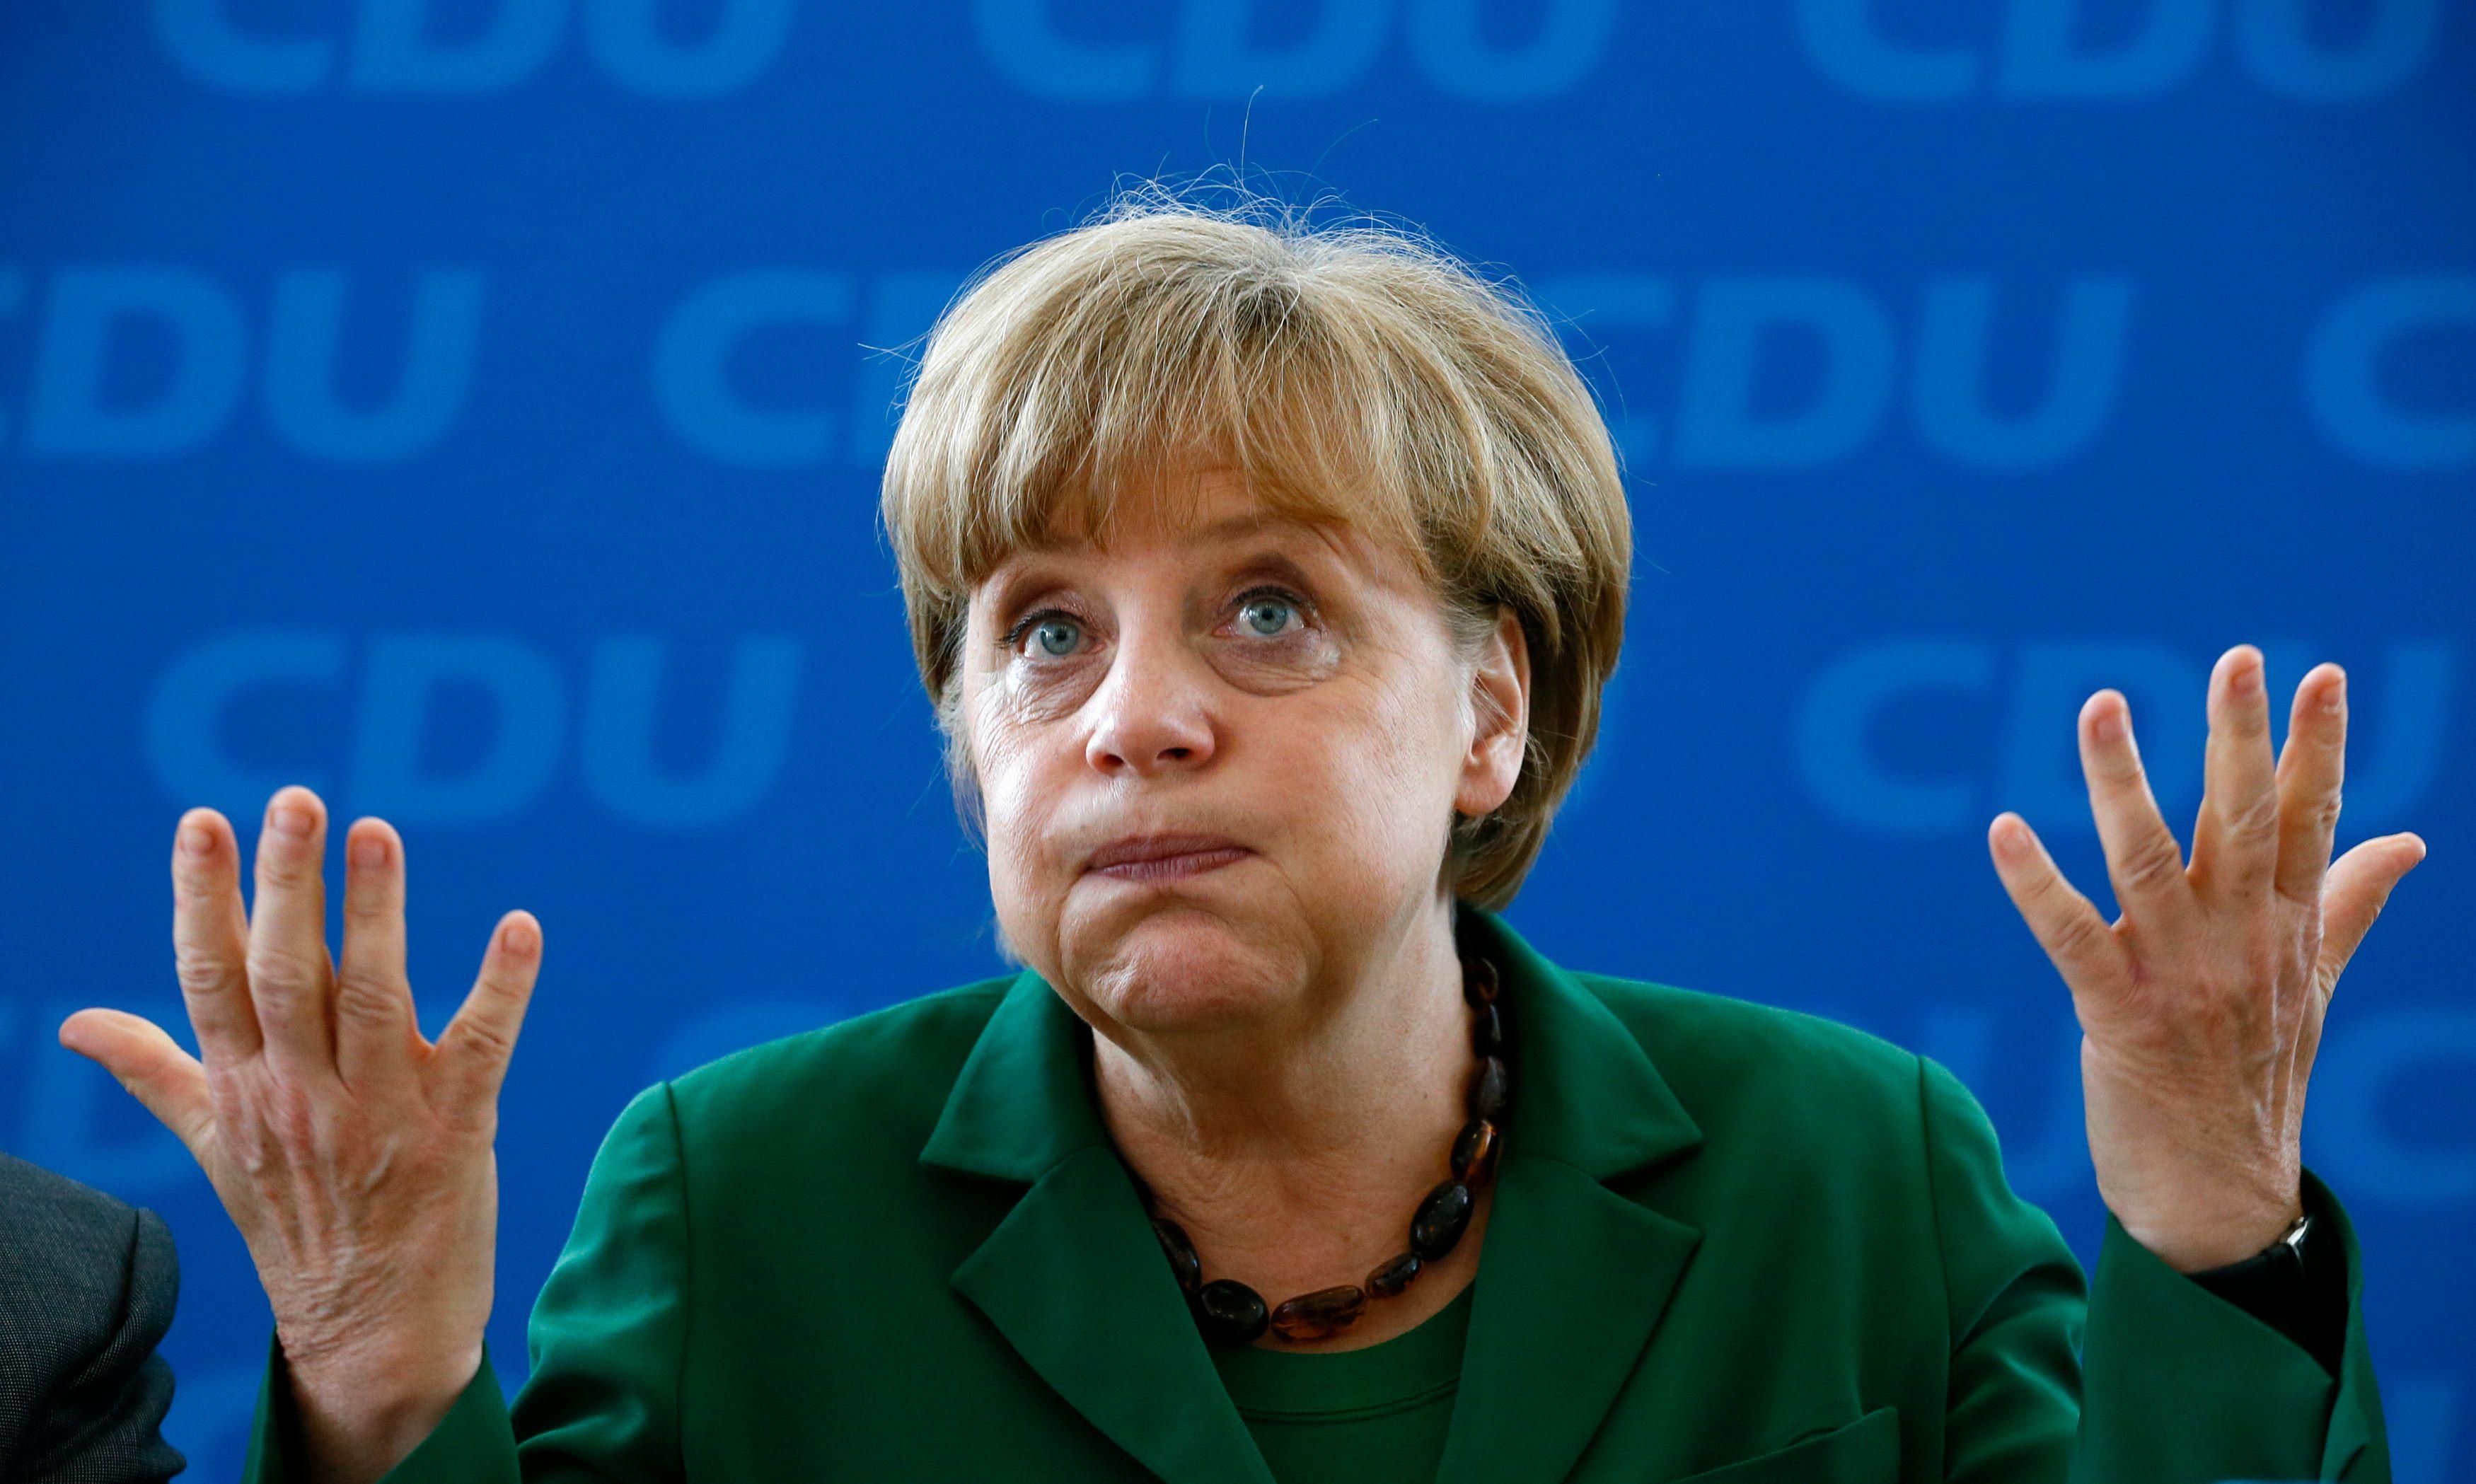 Et si on arrêtait de taper sur Angela Merkel ?